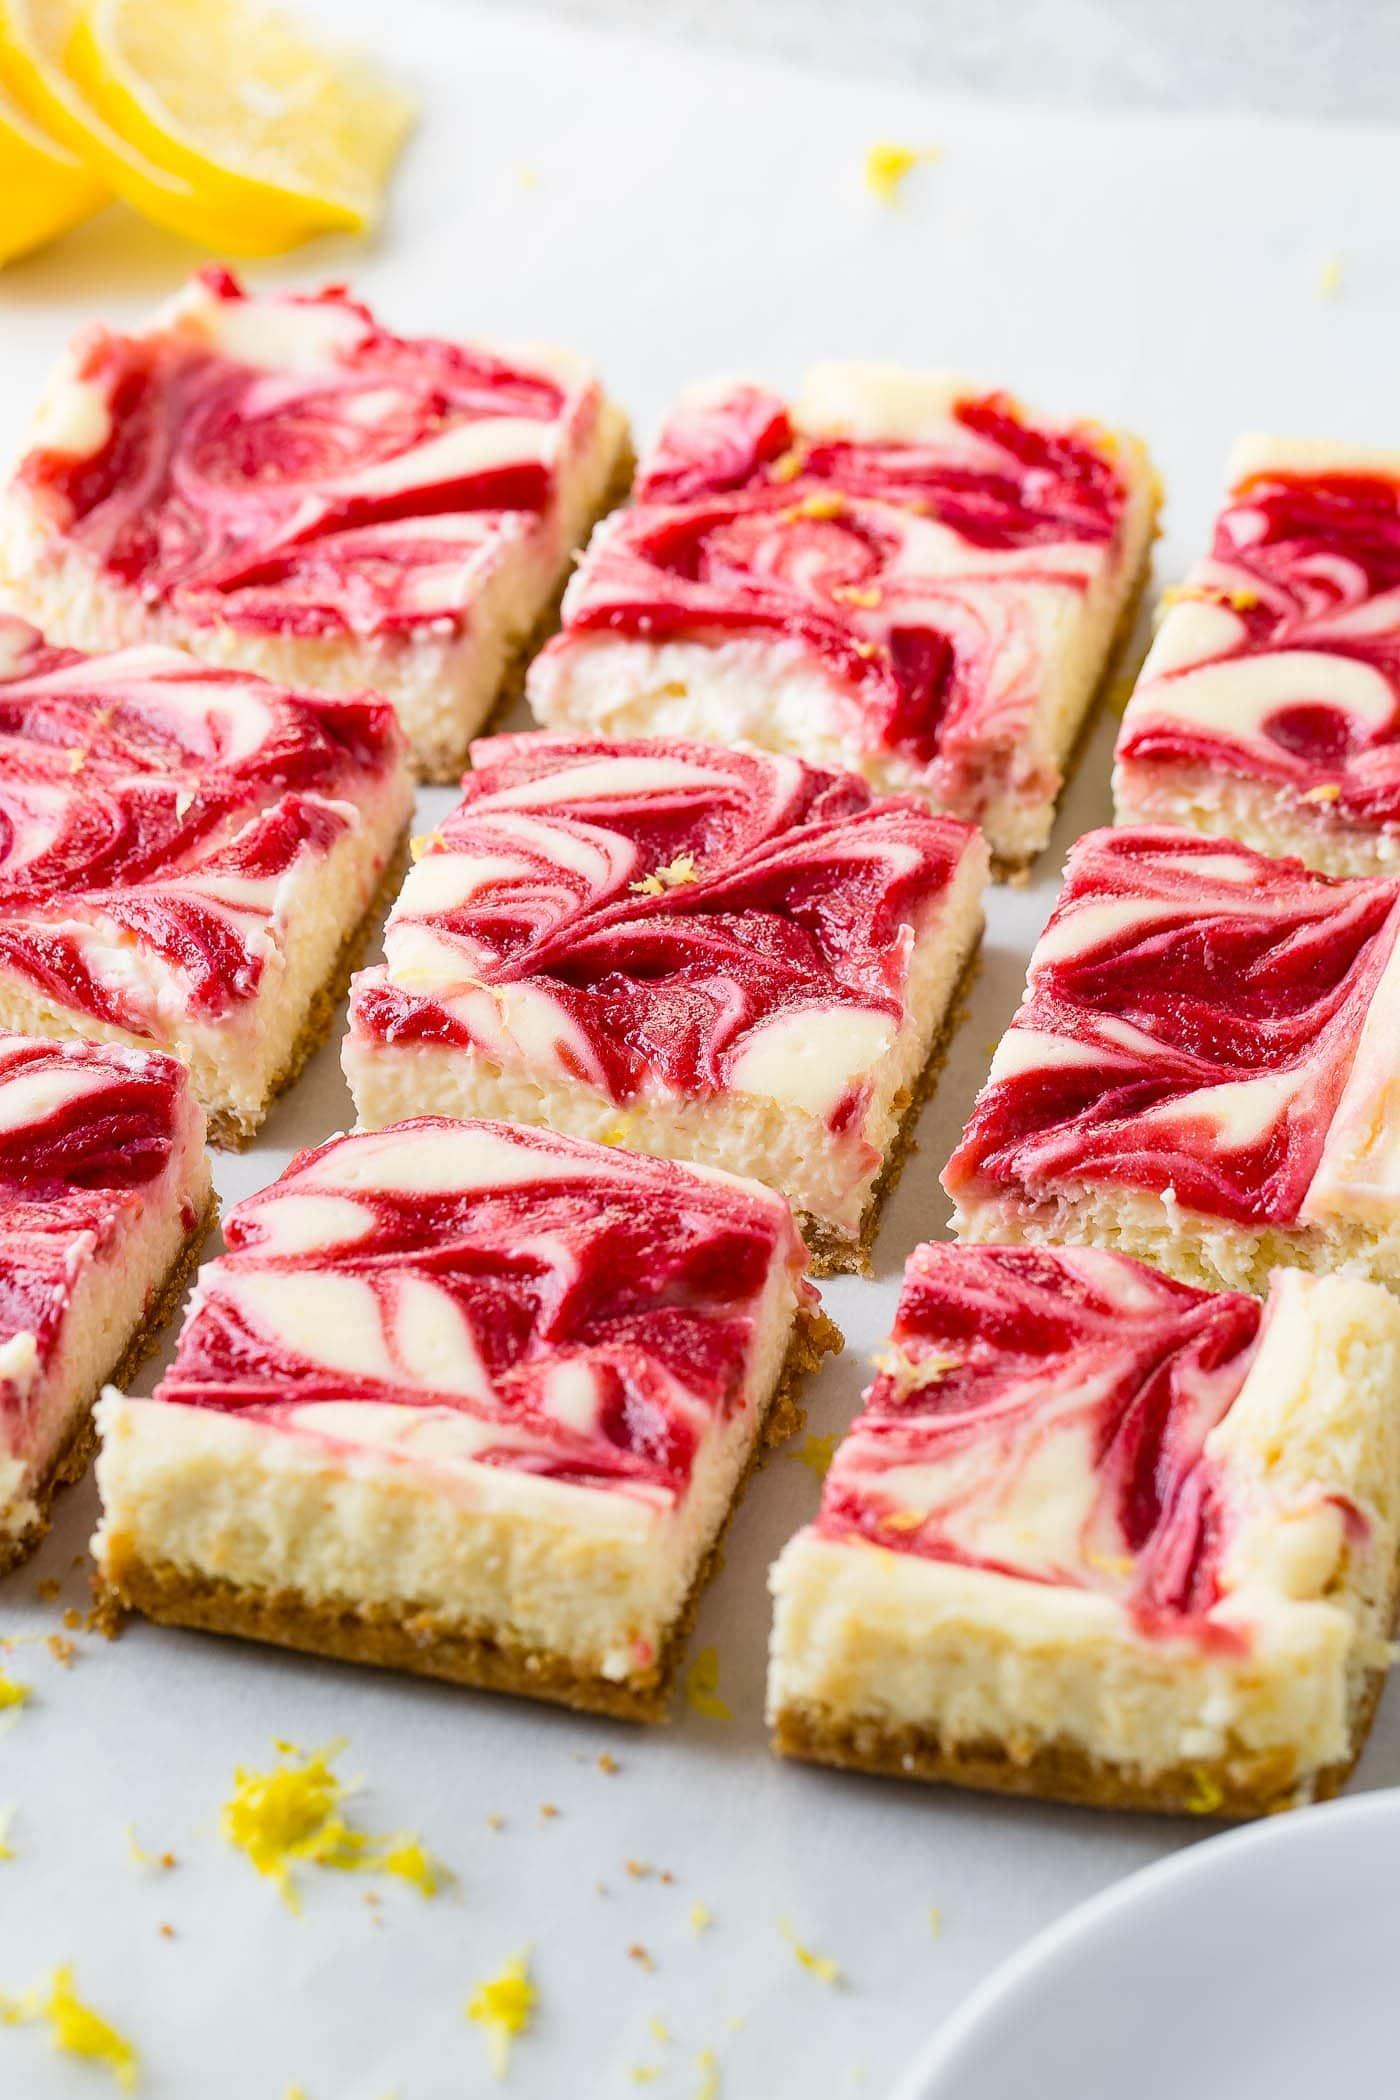 Nine cut squares of swirled raspberry lemon cheesecake bars. The light yellow lemon cheesecake has swirls of raspberry sauce on top.